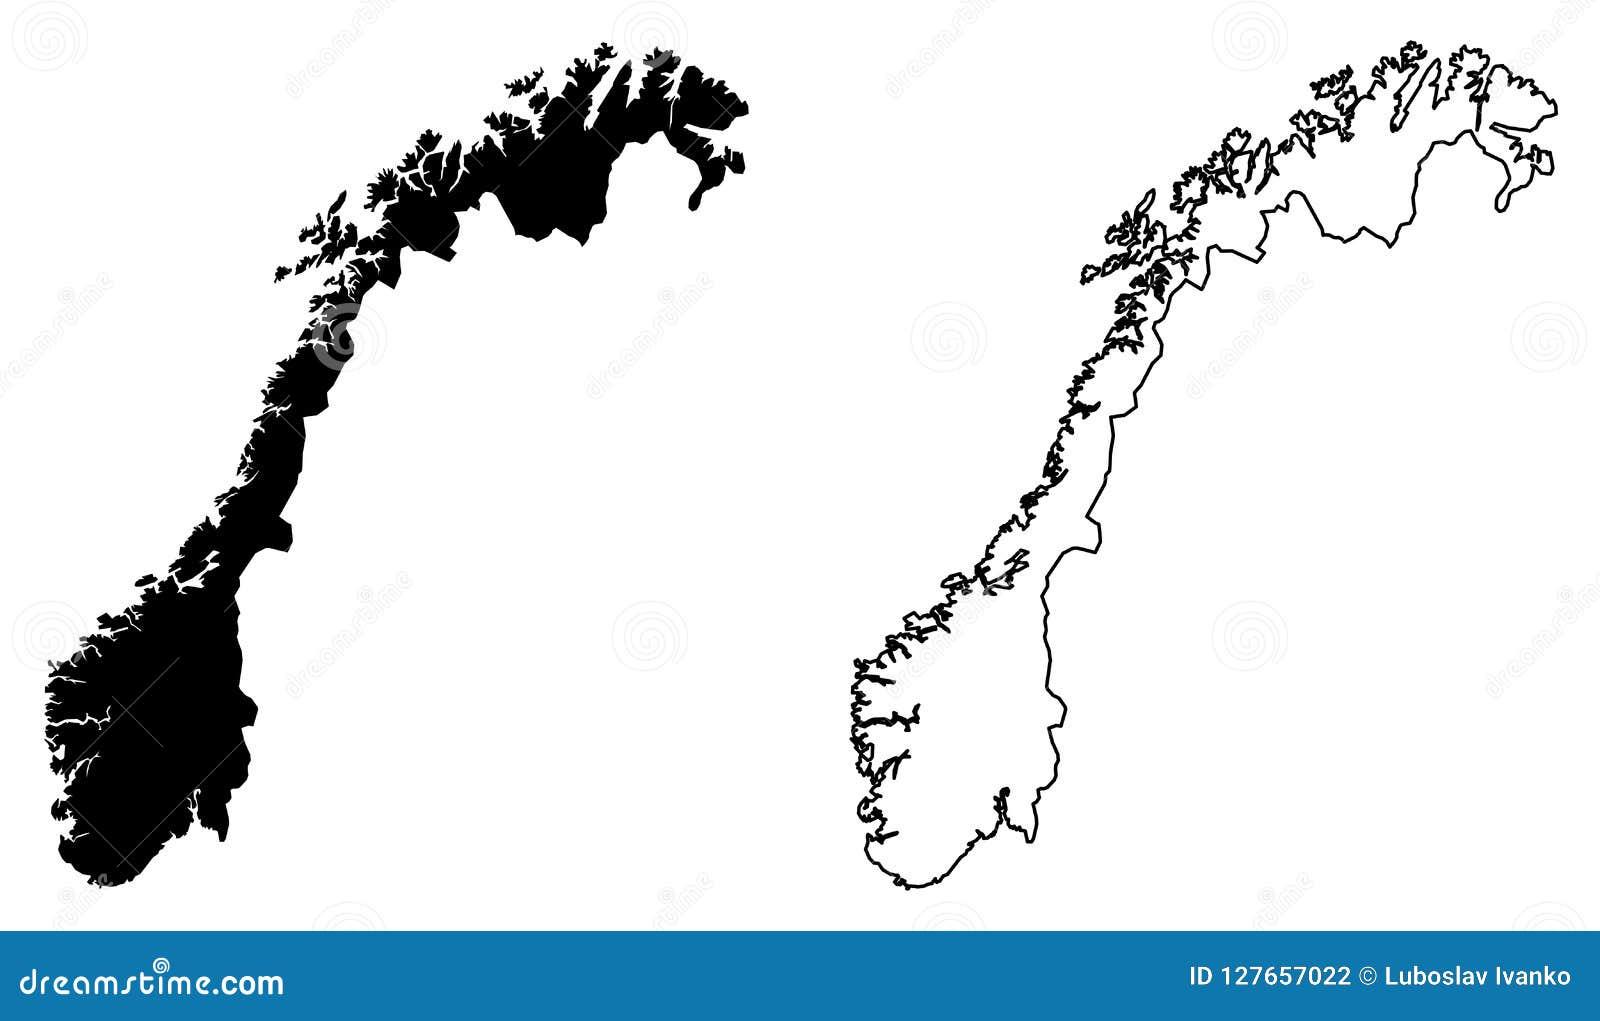 Απλός μόνο αιχμηρός χάρτης γωνιών του διανυσματικού σχεδίου της Νορβηγίας Mercat